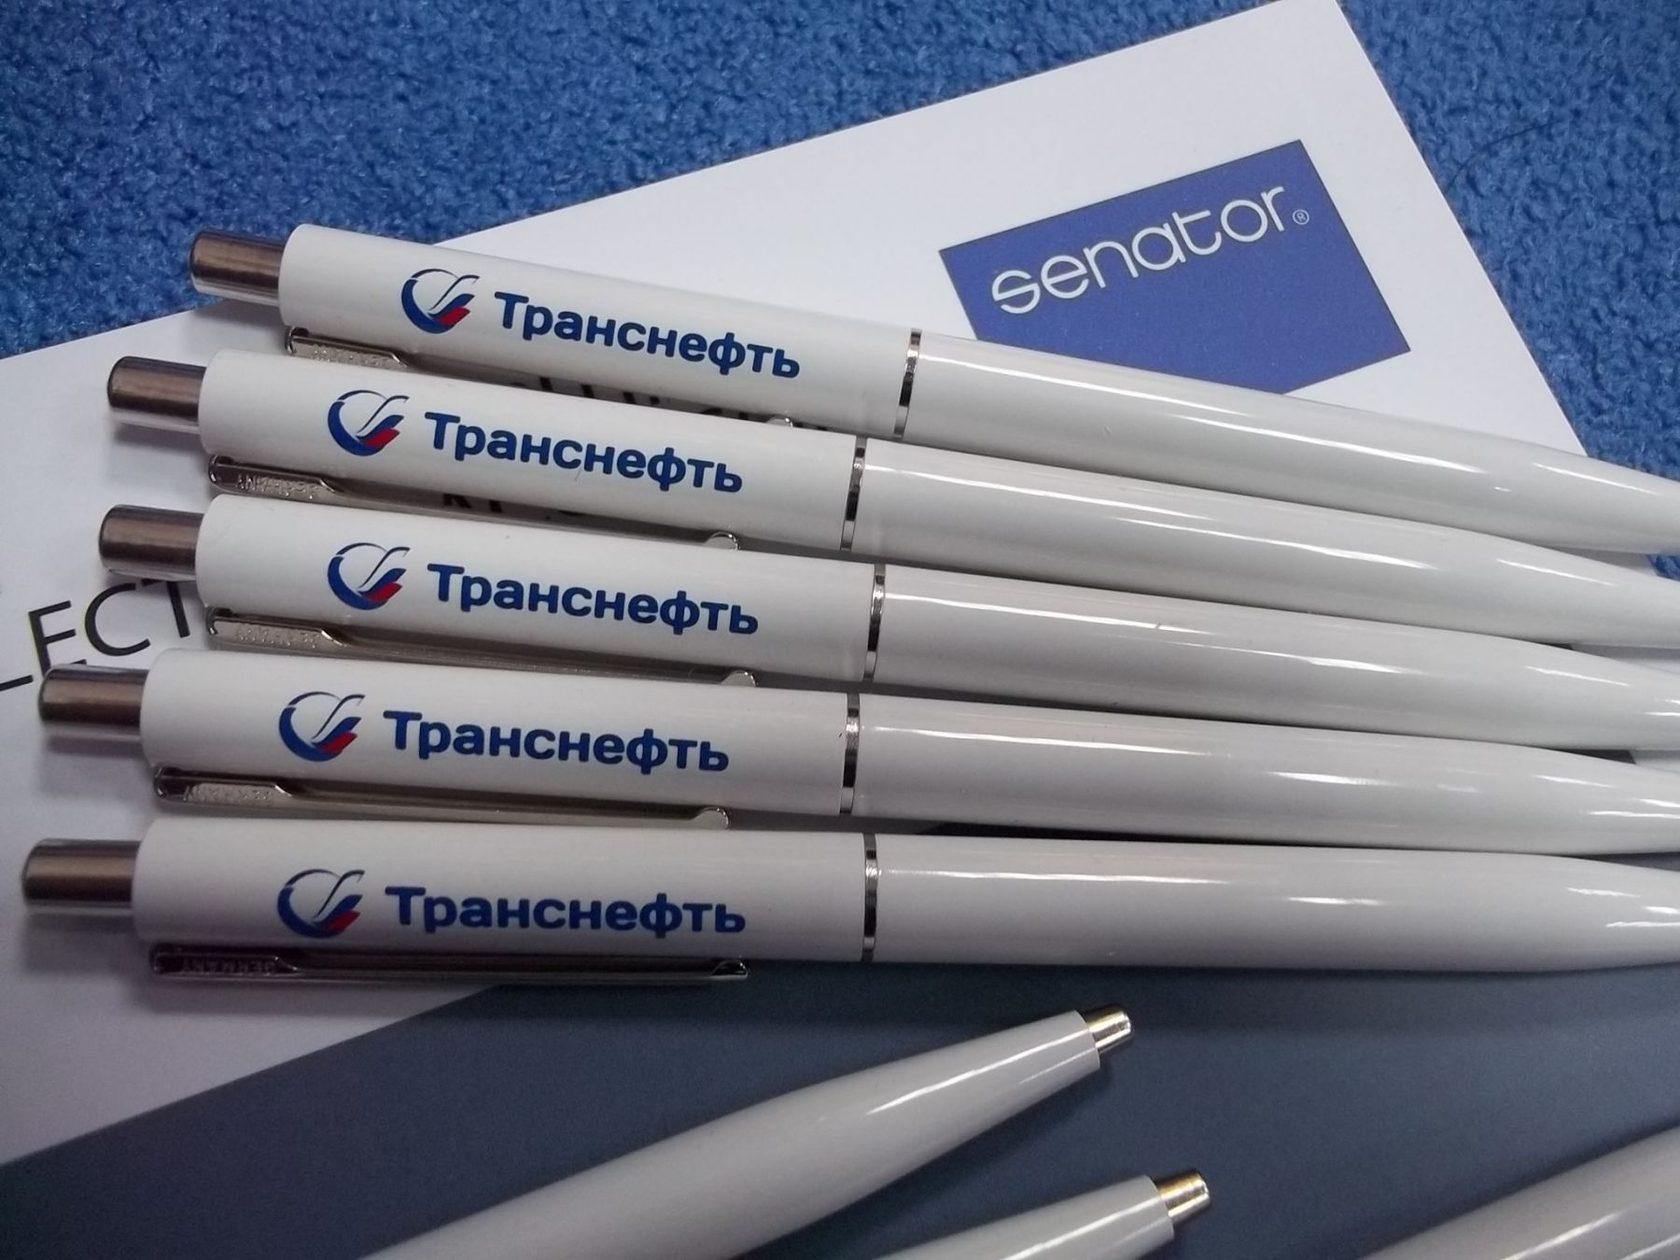 купить ручки с логотипом в ростове